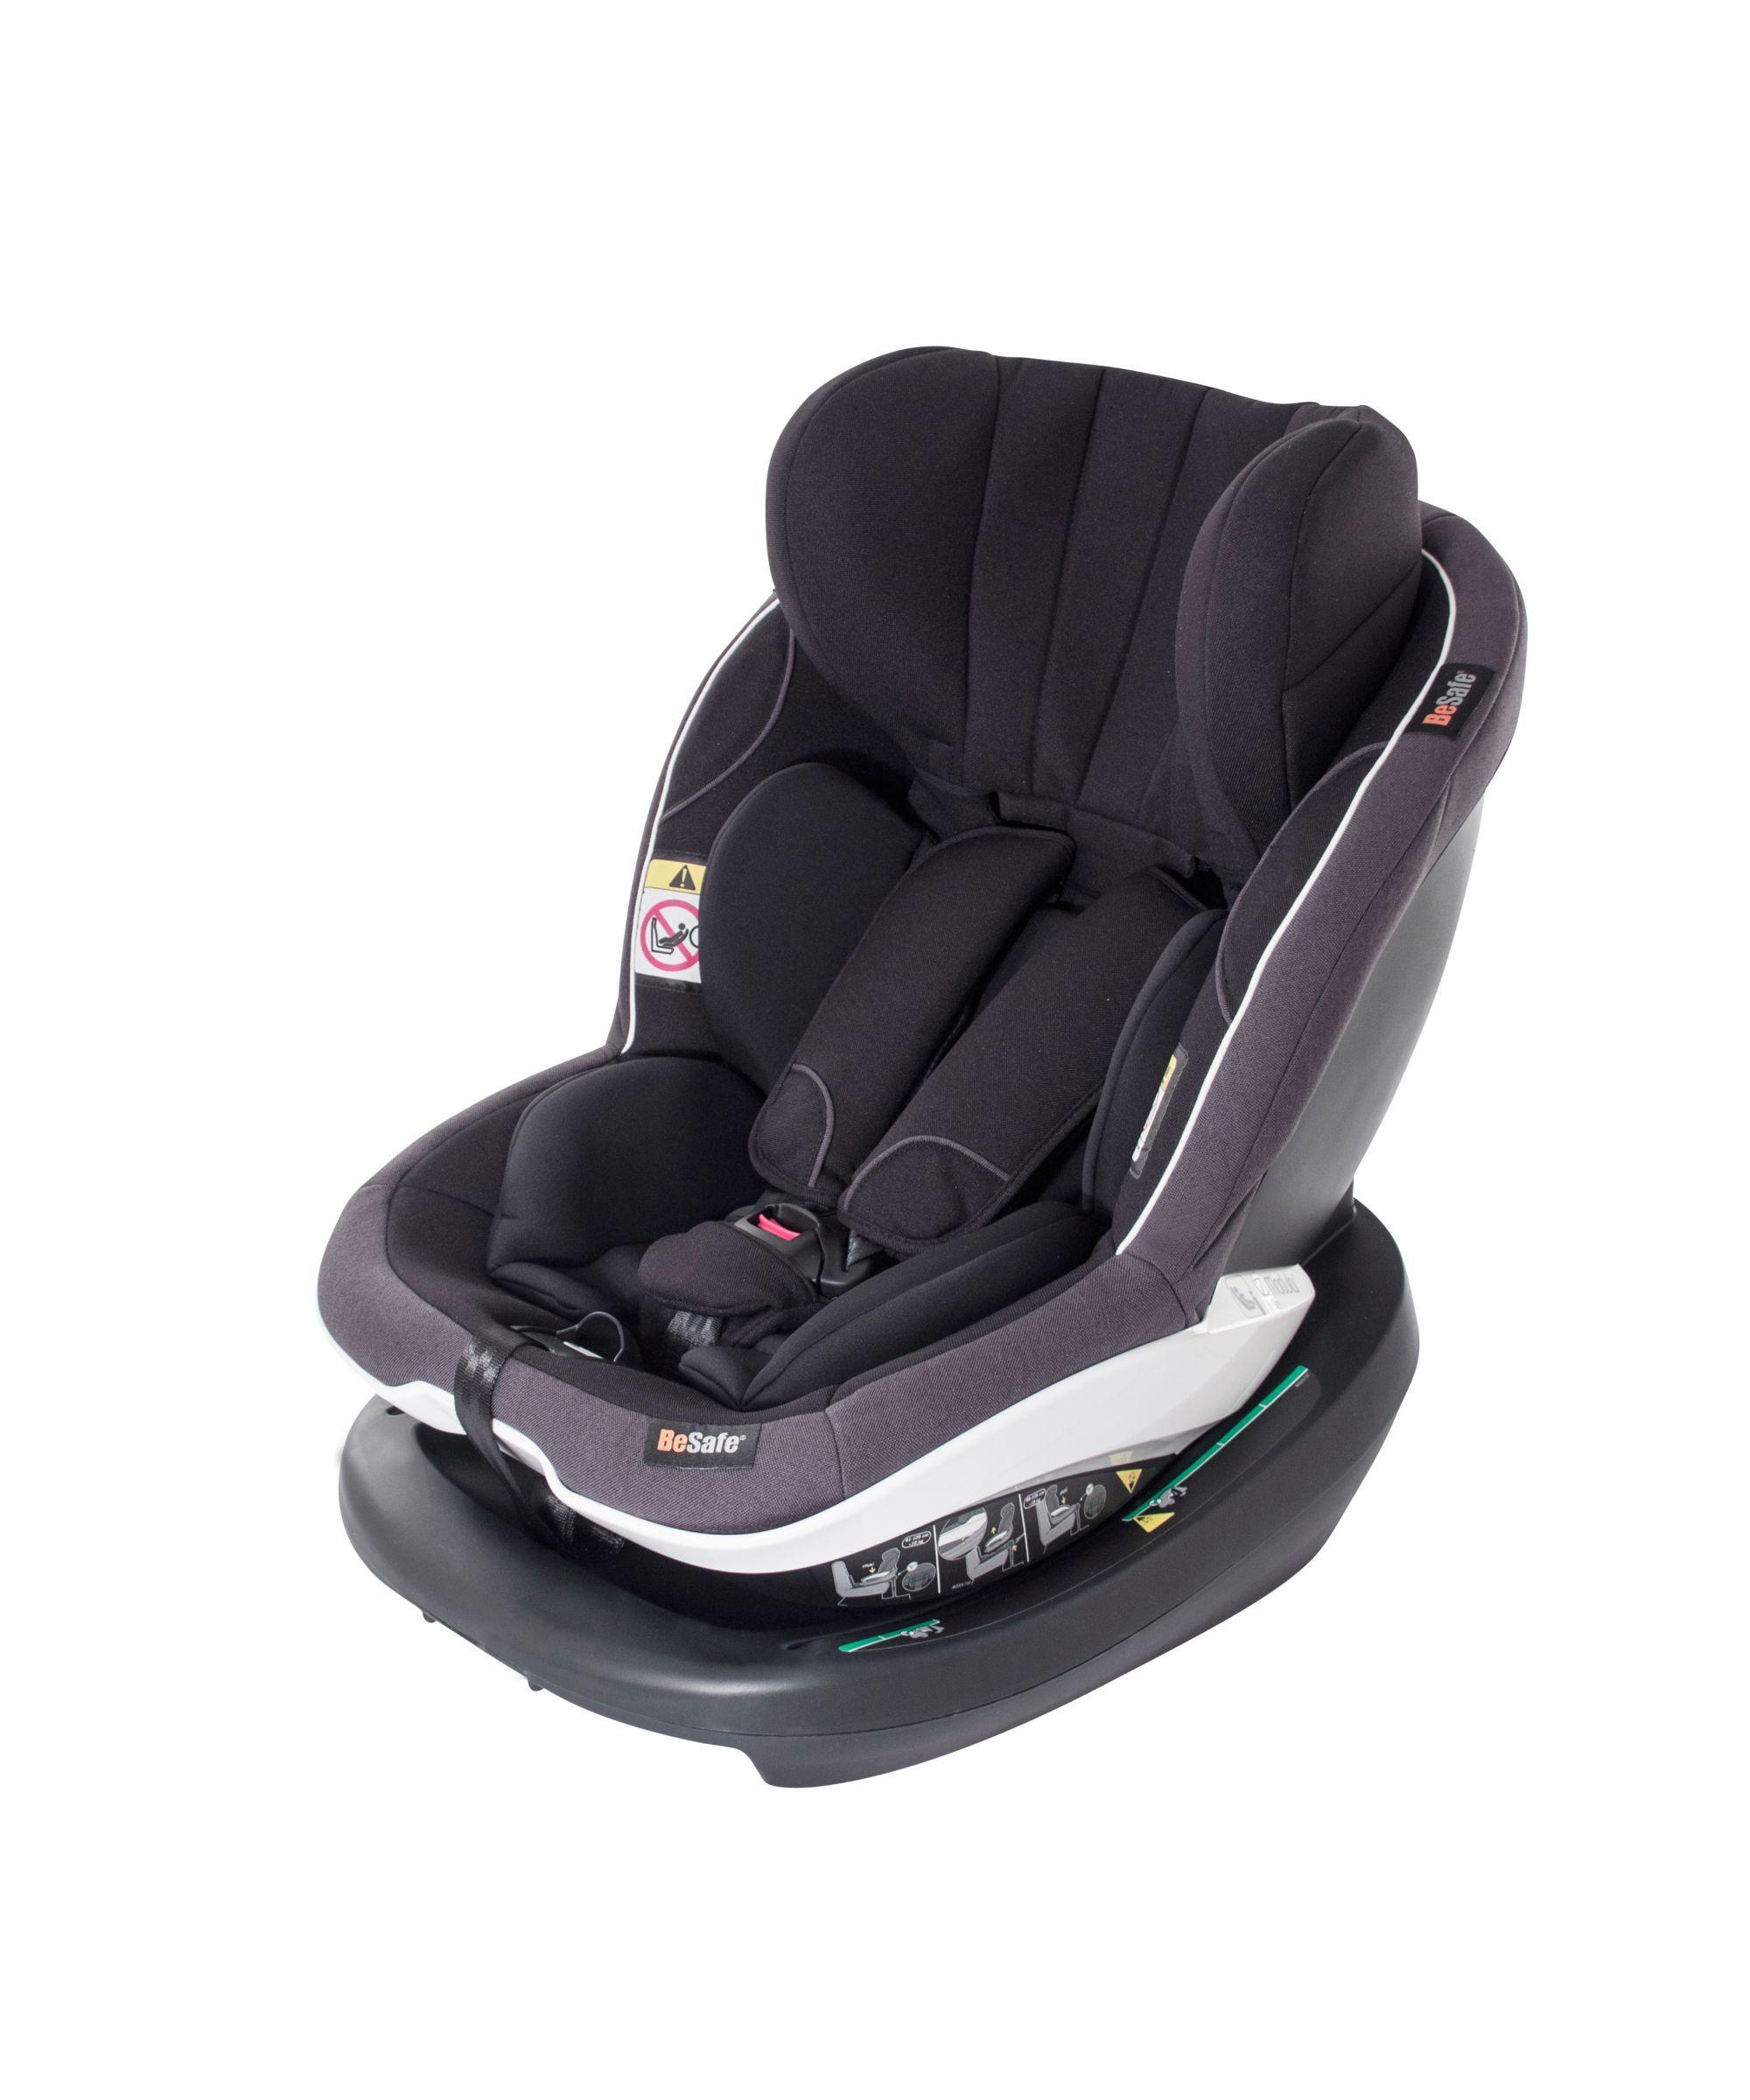 BeSafe iZi Modular iSize Car Seat Midnight Black